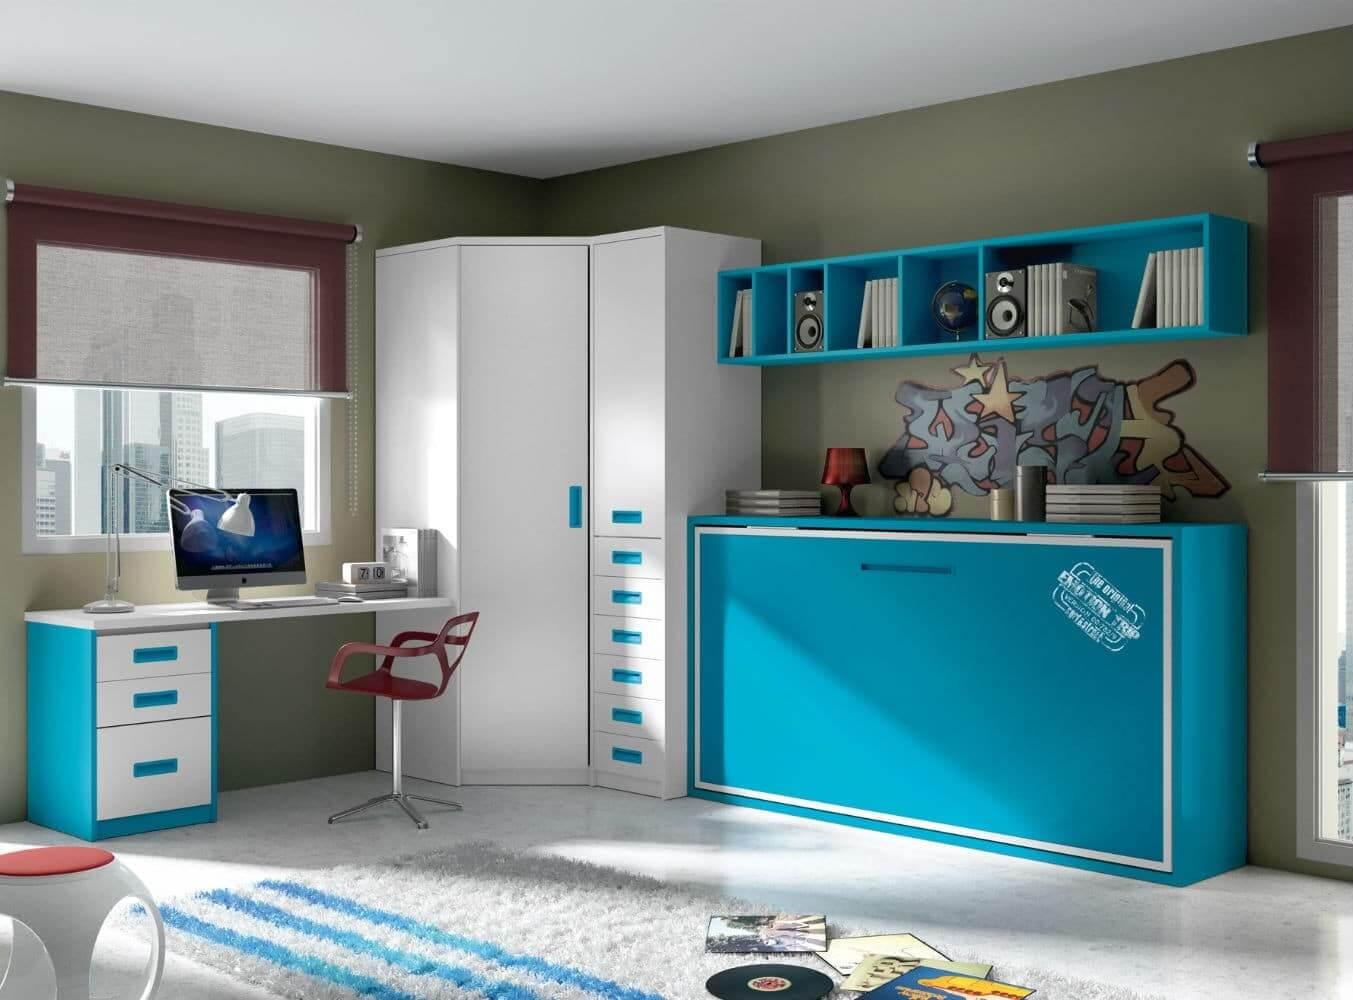 Dormitorios Juveniles Que Ahorran Espacio Blog De Muebles Y  # Muebles Sedavi Actual